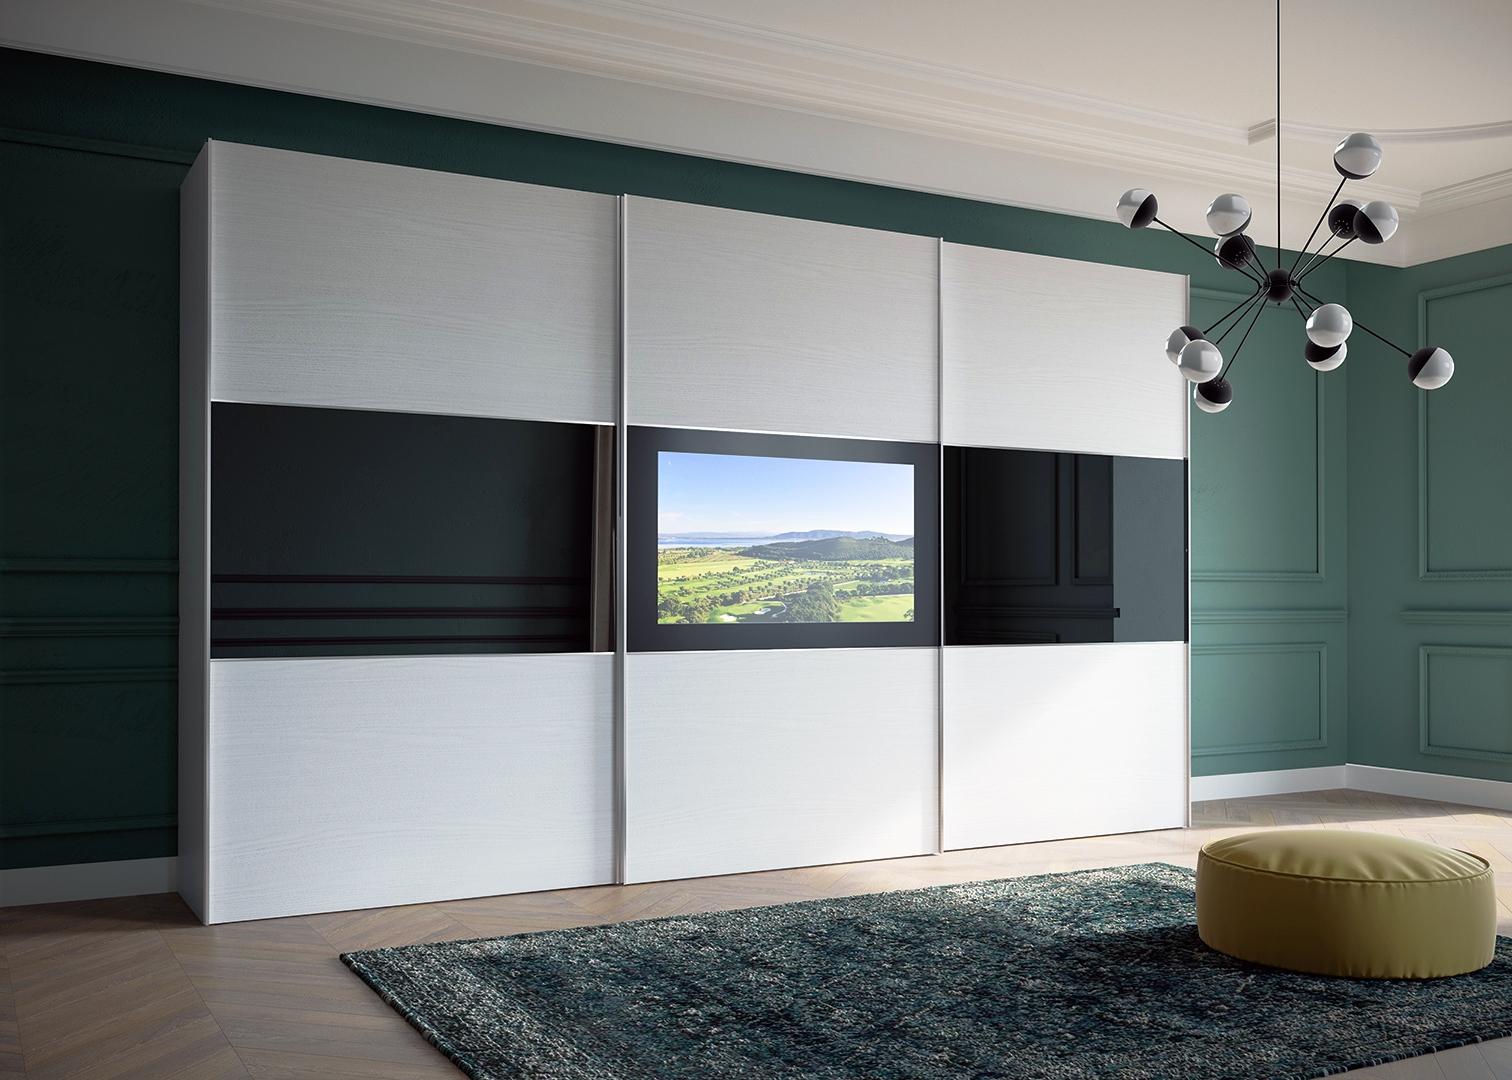 συρομενη ντουλαπα με ενσωματωμενη τηλεοραση